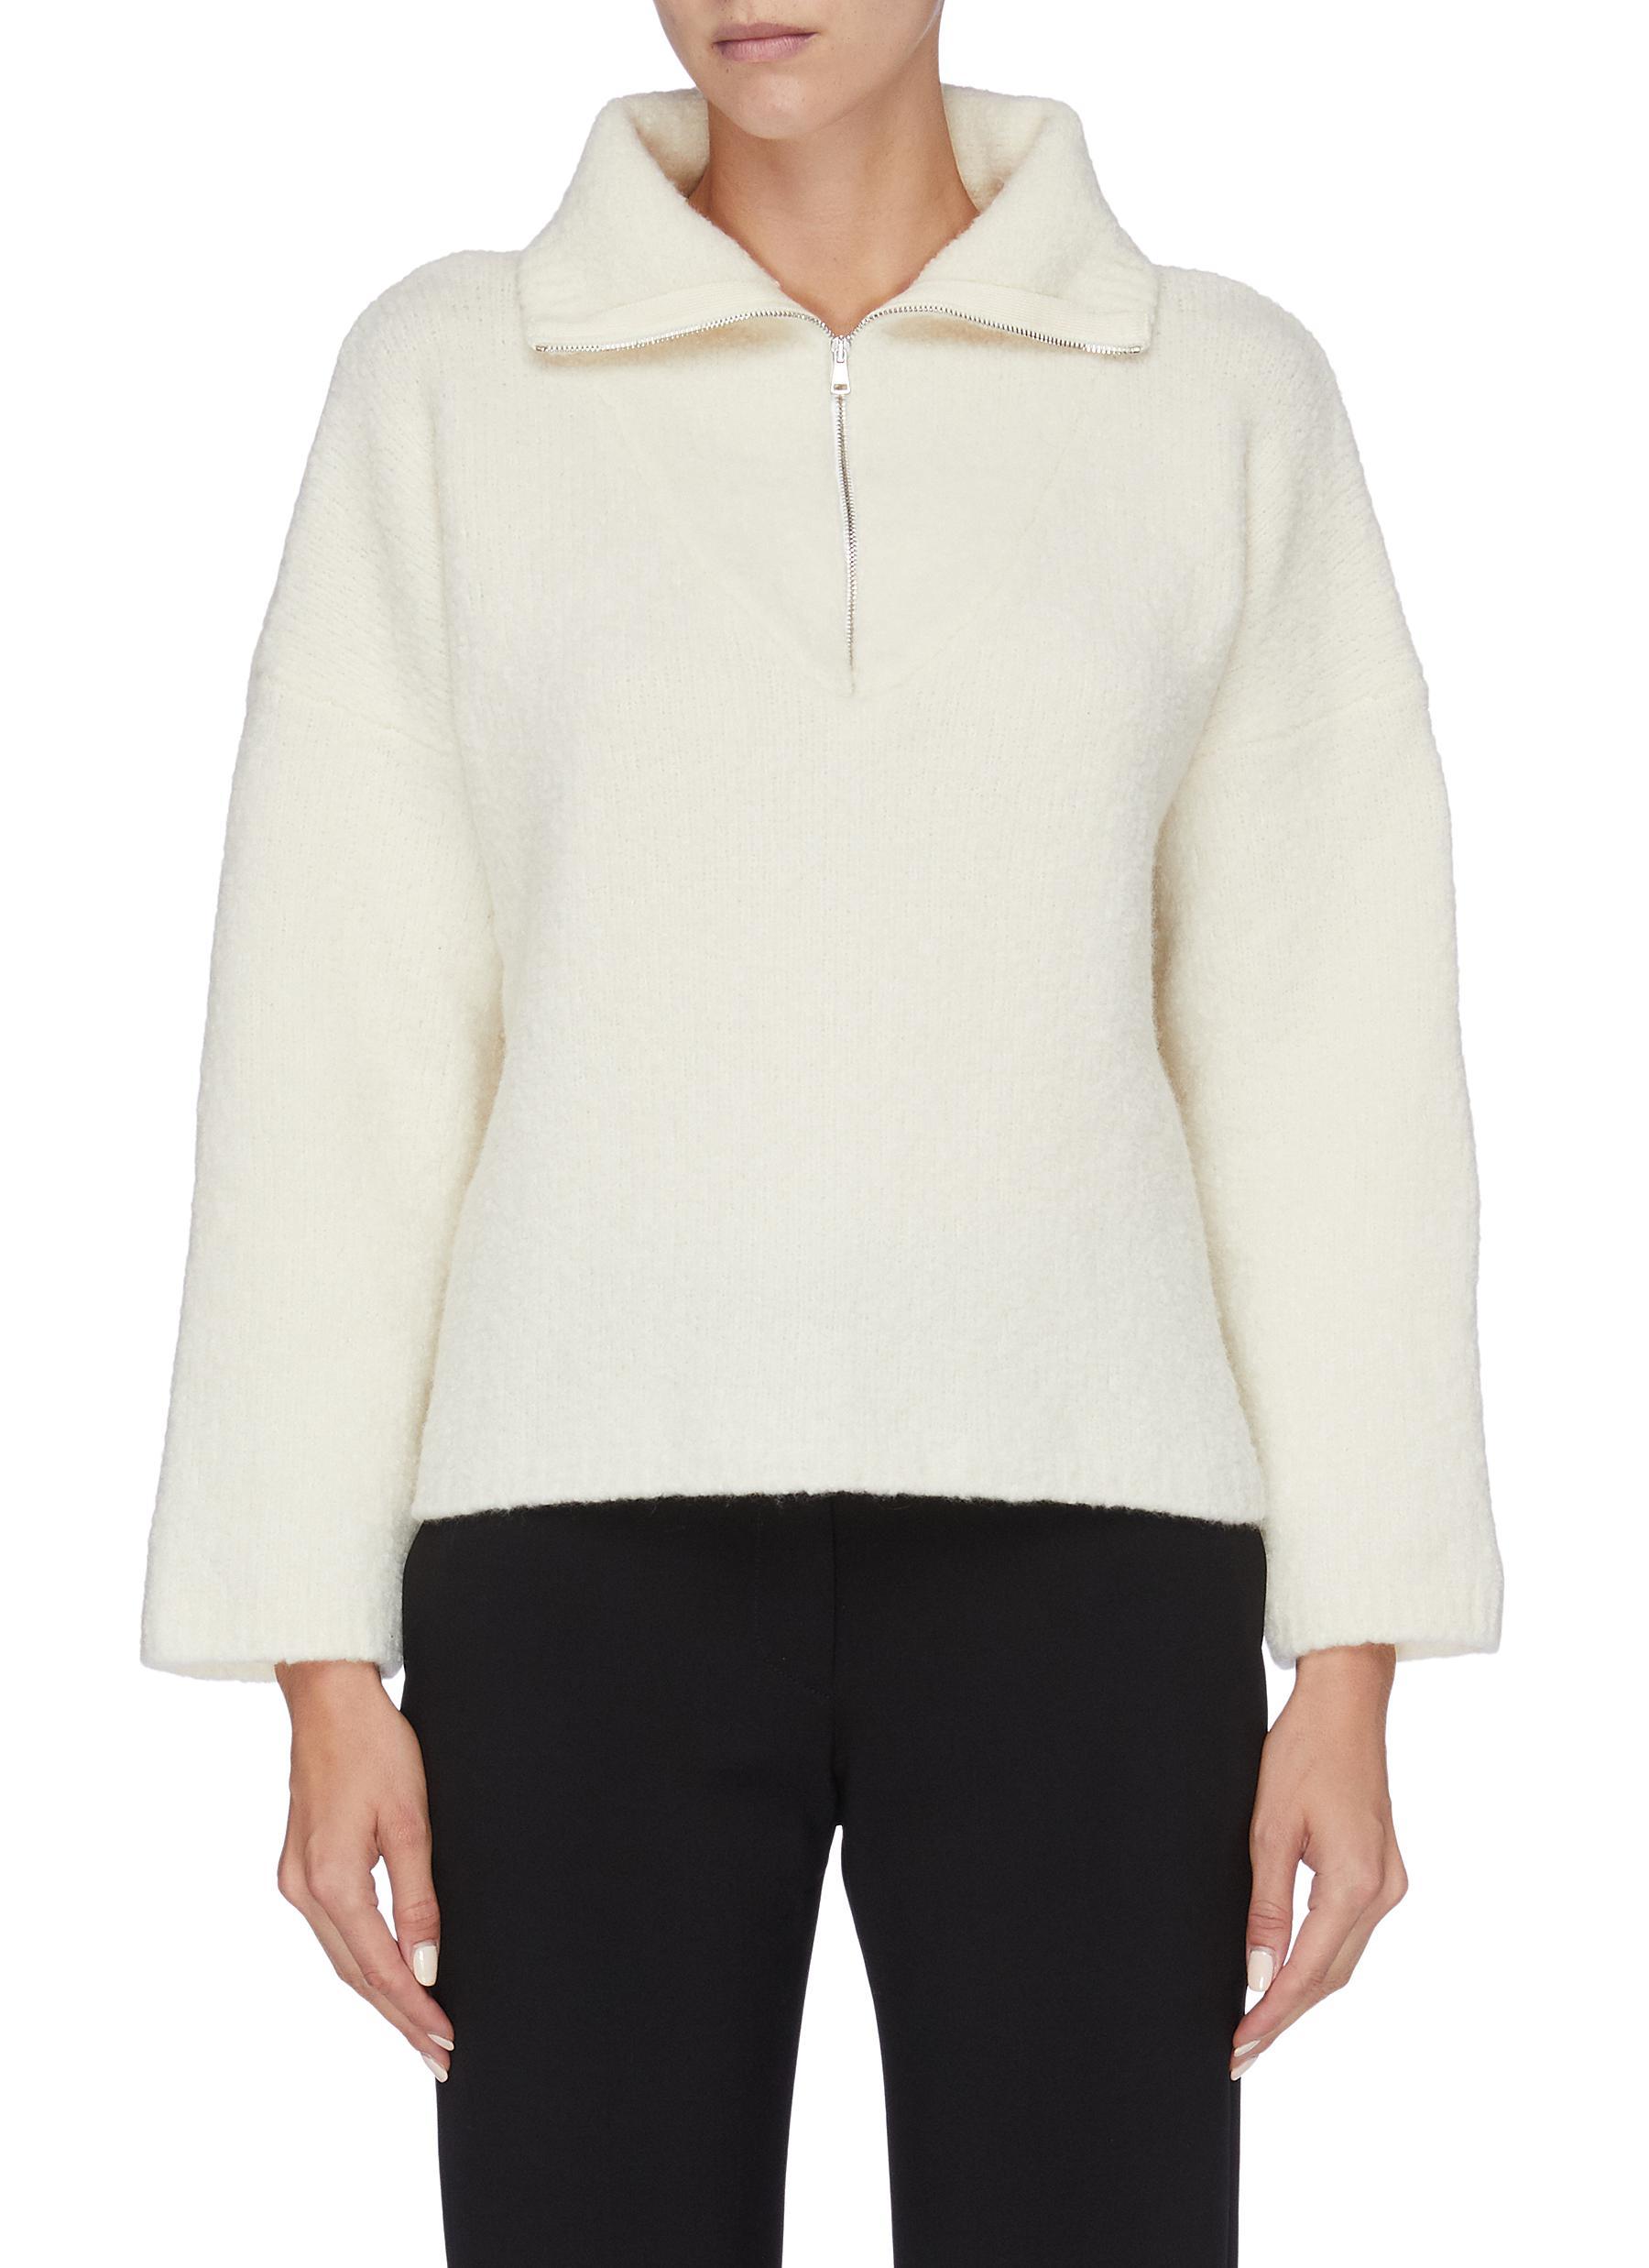 Afra half-zip turtleneck sweater by Barena